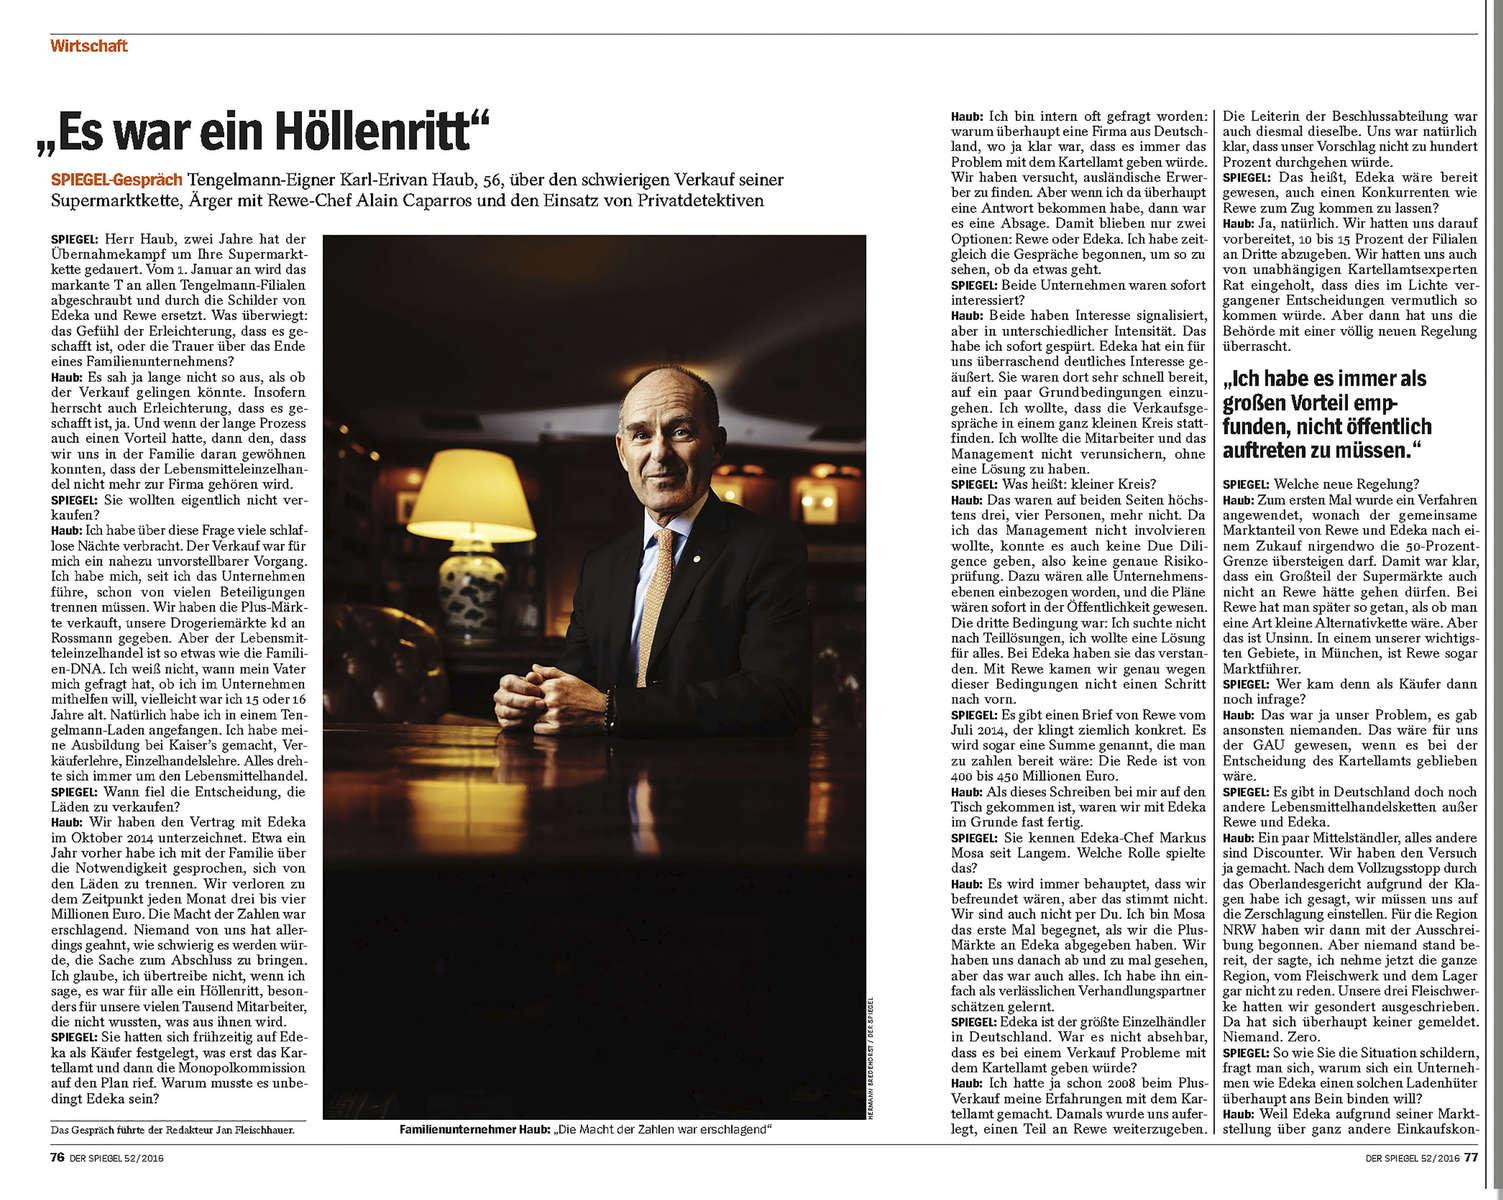 DER SPIEGEL, Germany, Portrait, Tengelmann CEO Erivan Haub